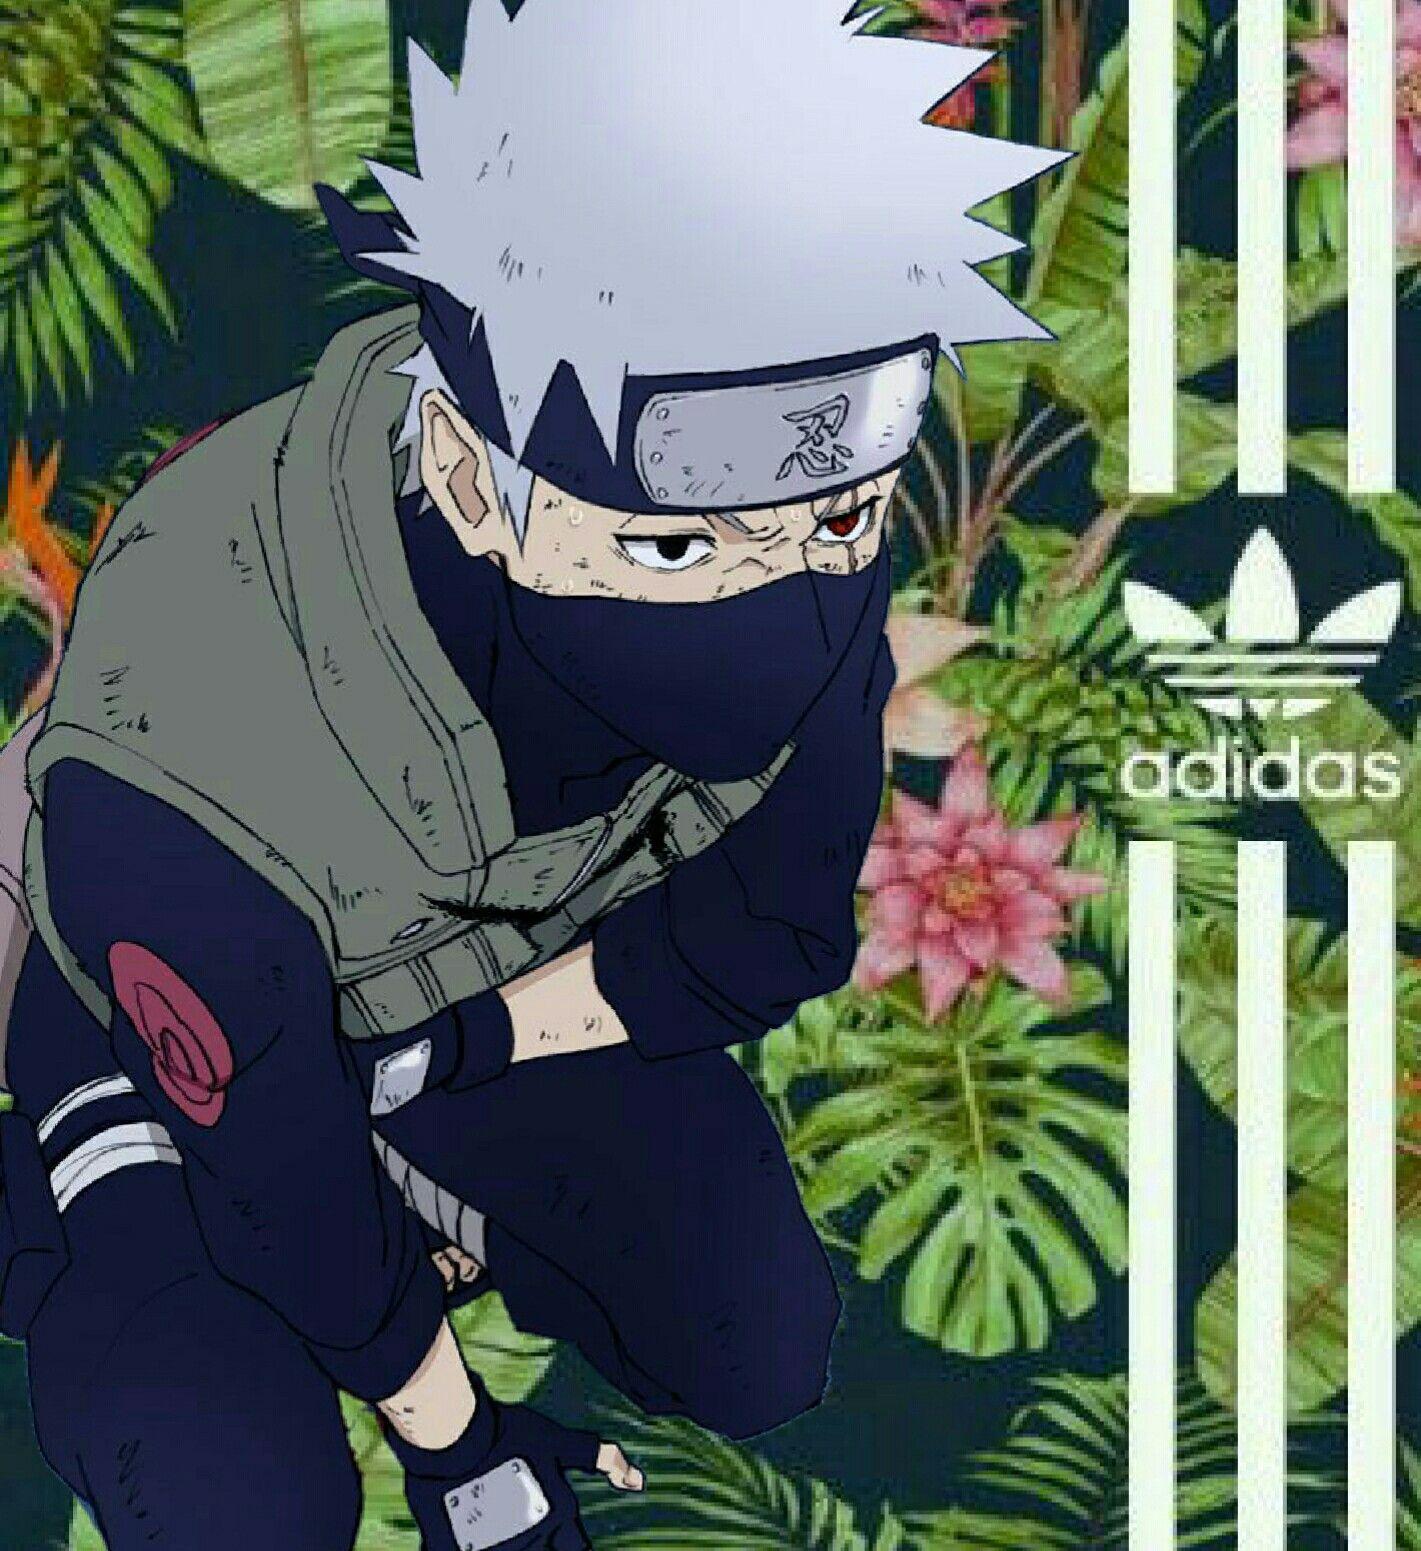 Adidas Kakashi With Images Kakashi Anime Pics